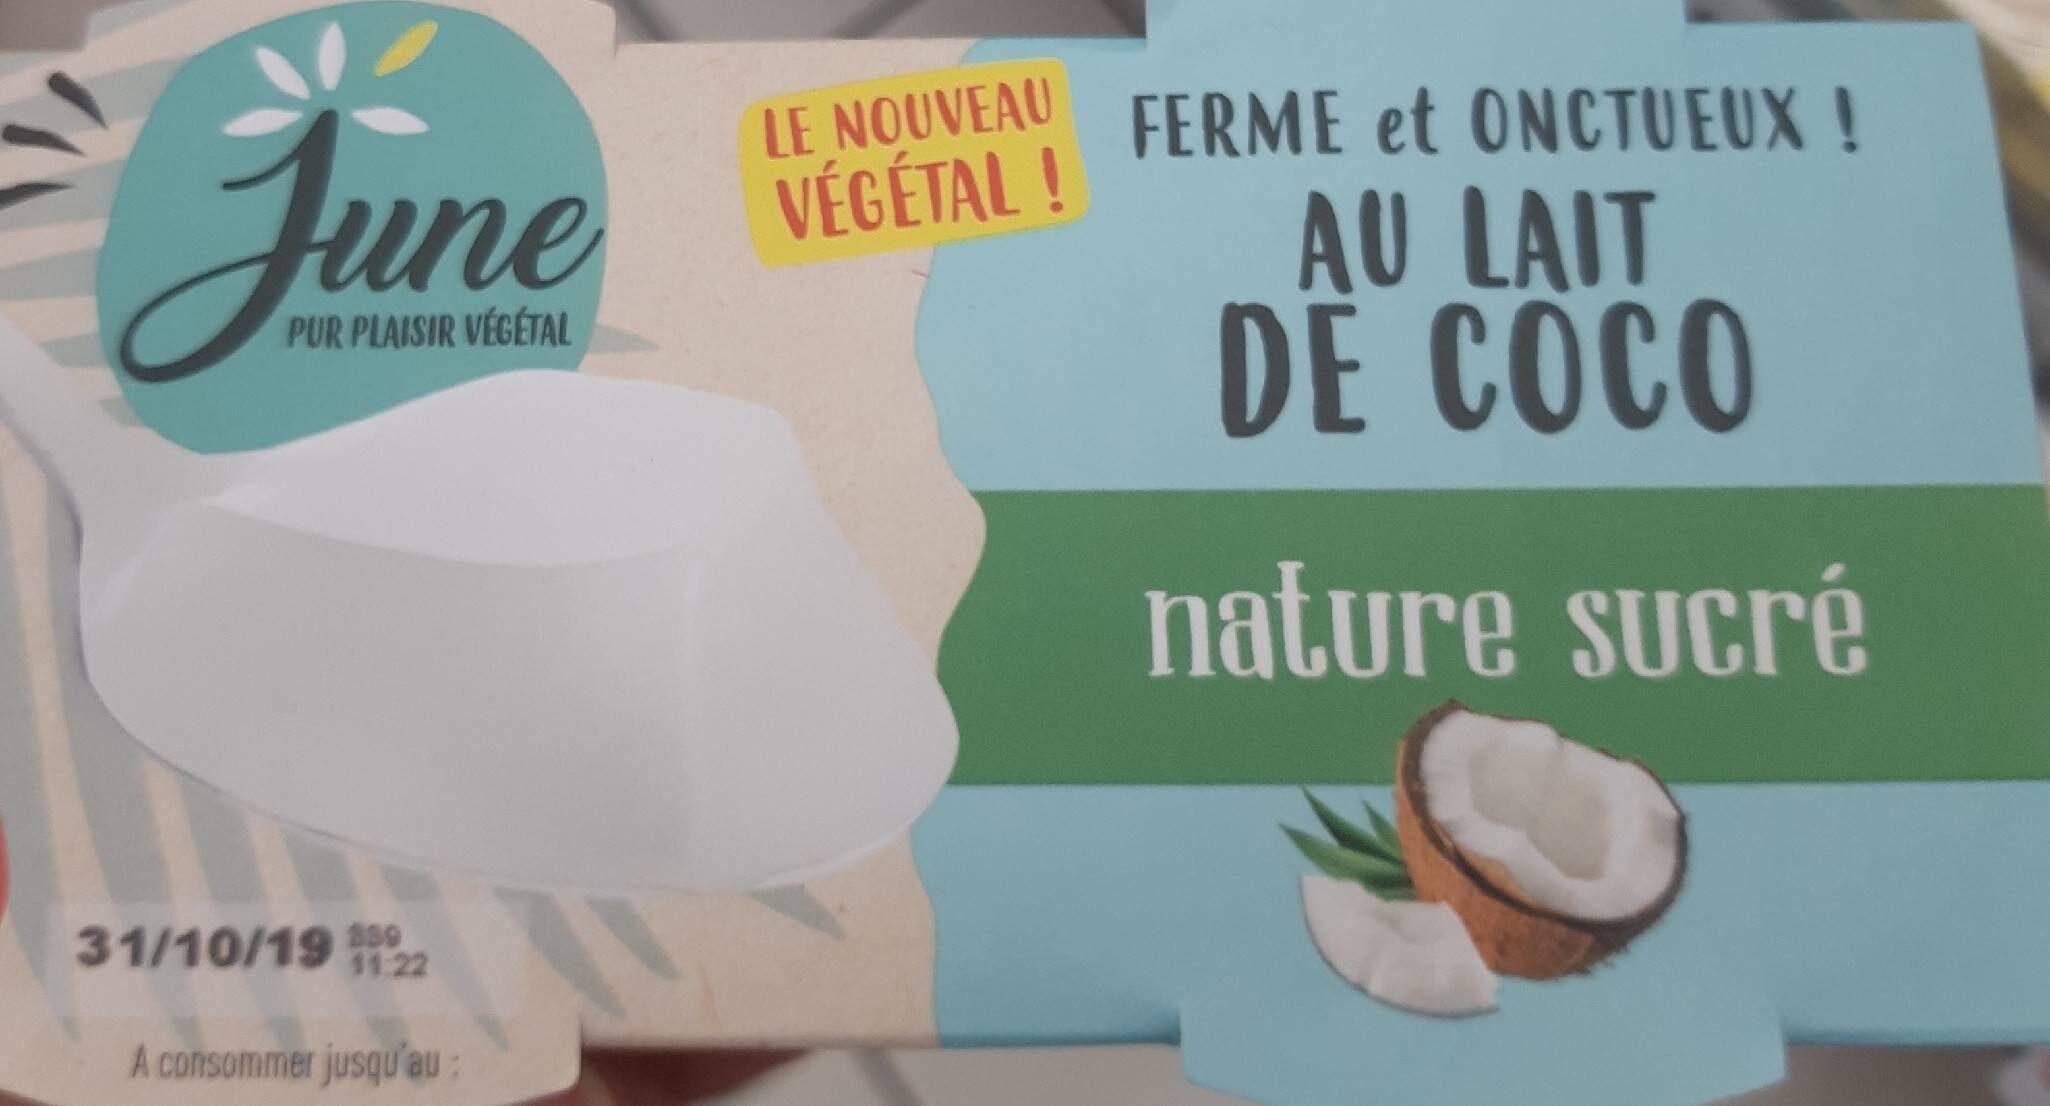 Ferme et onctueux au lait de coco - Product - fr